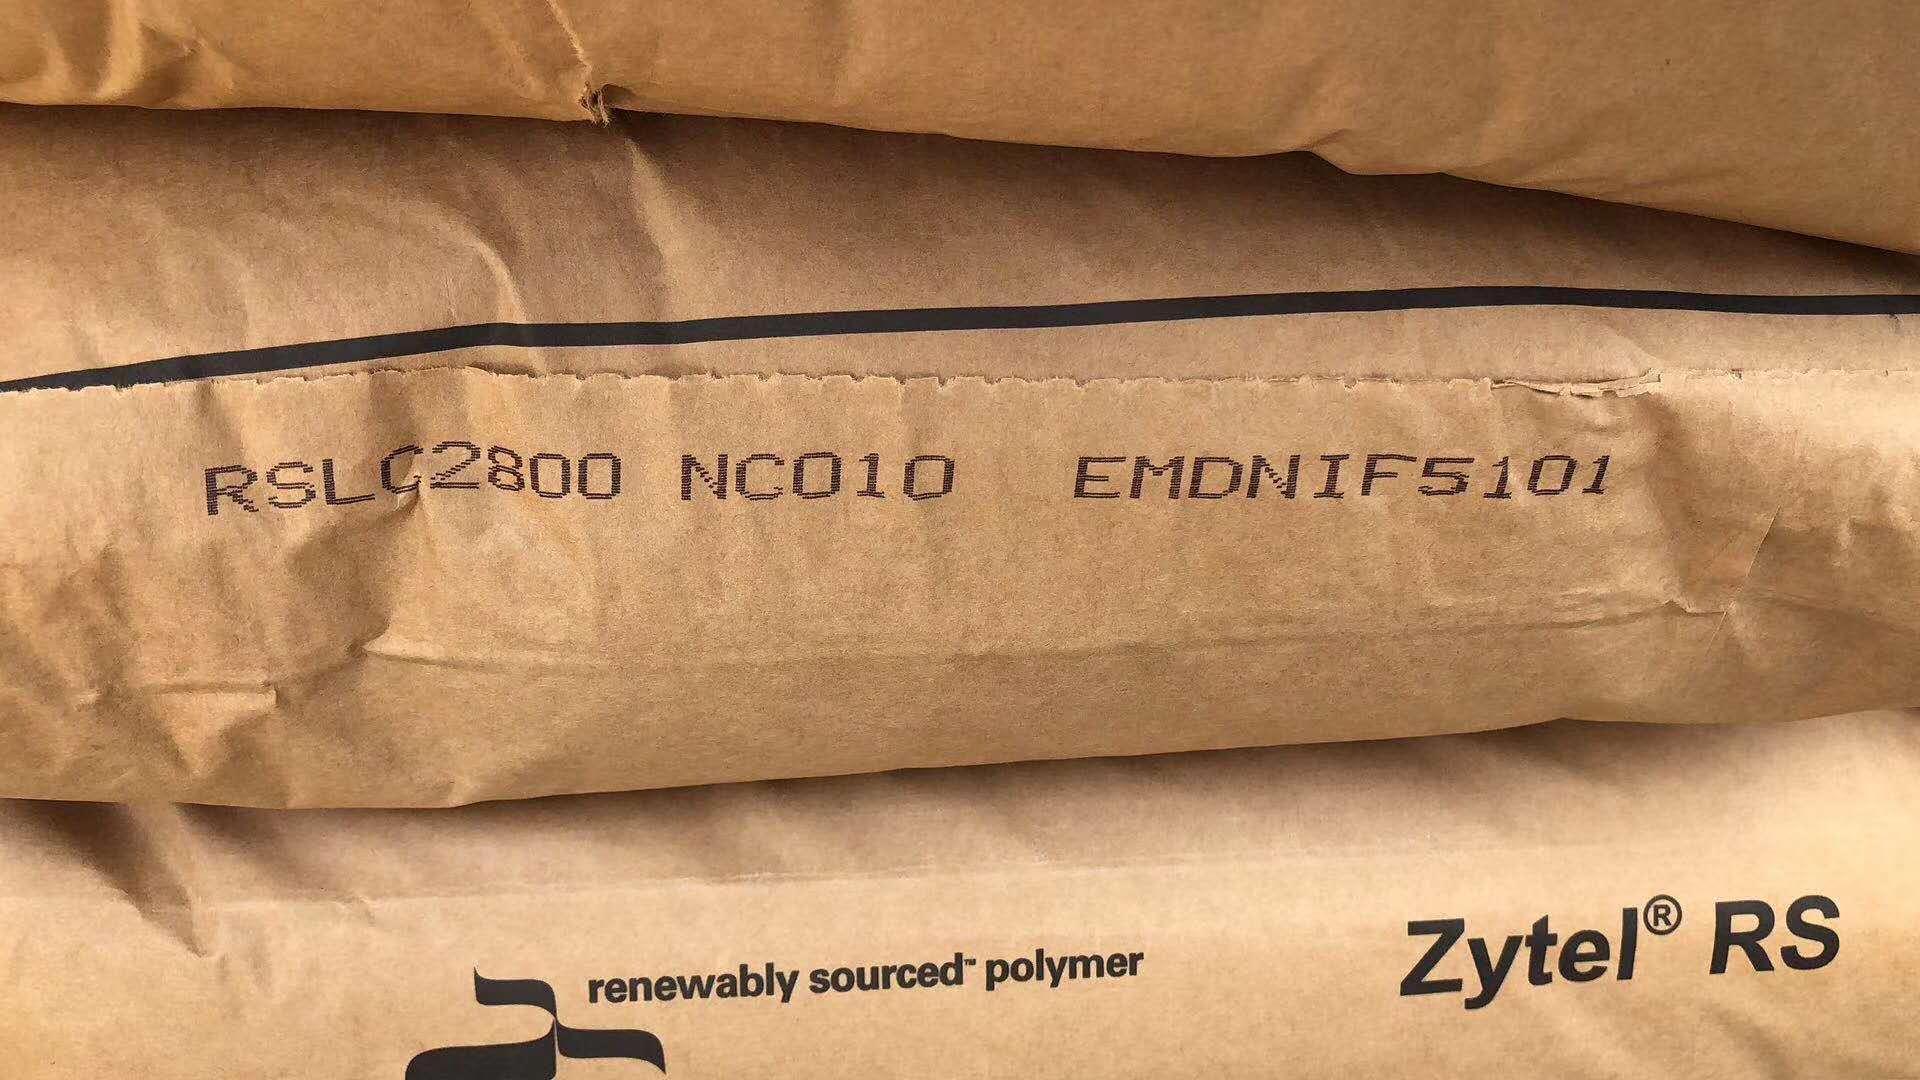 ZYTEL RS LC2800